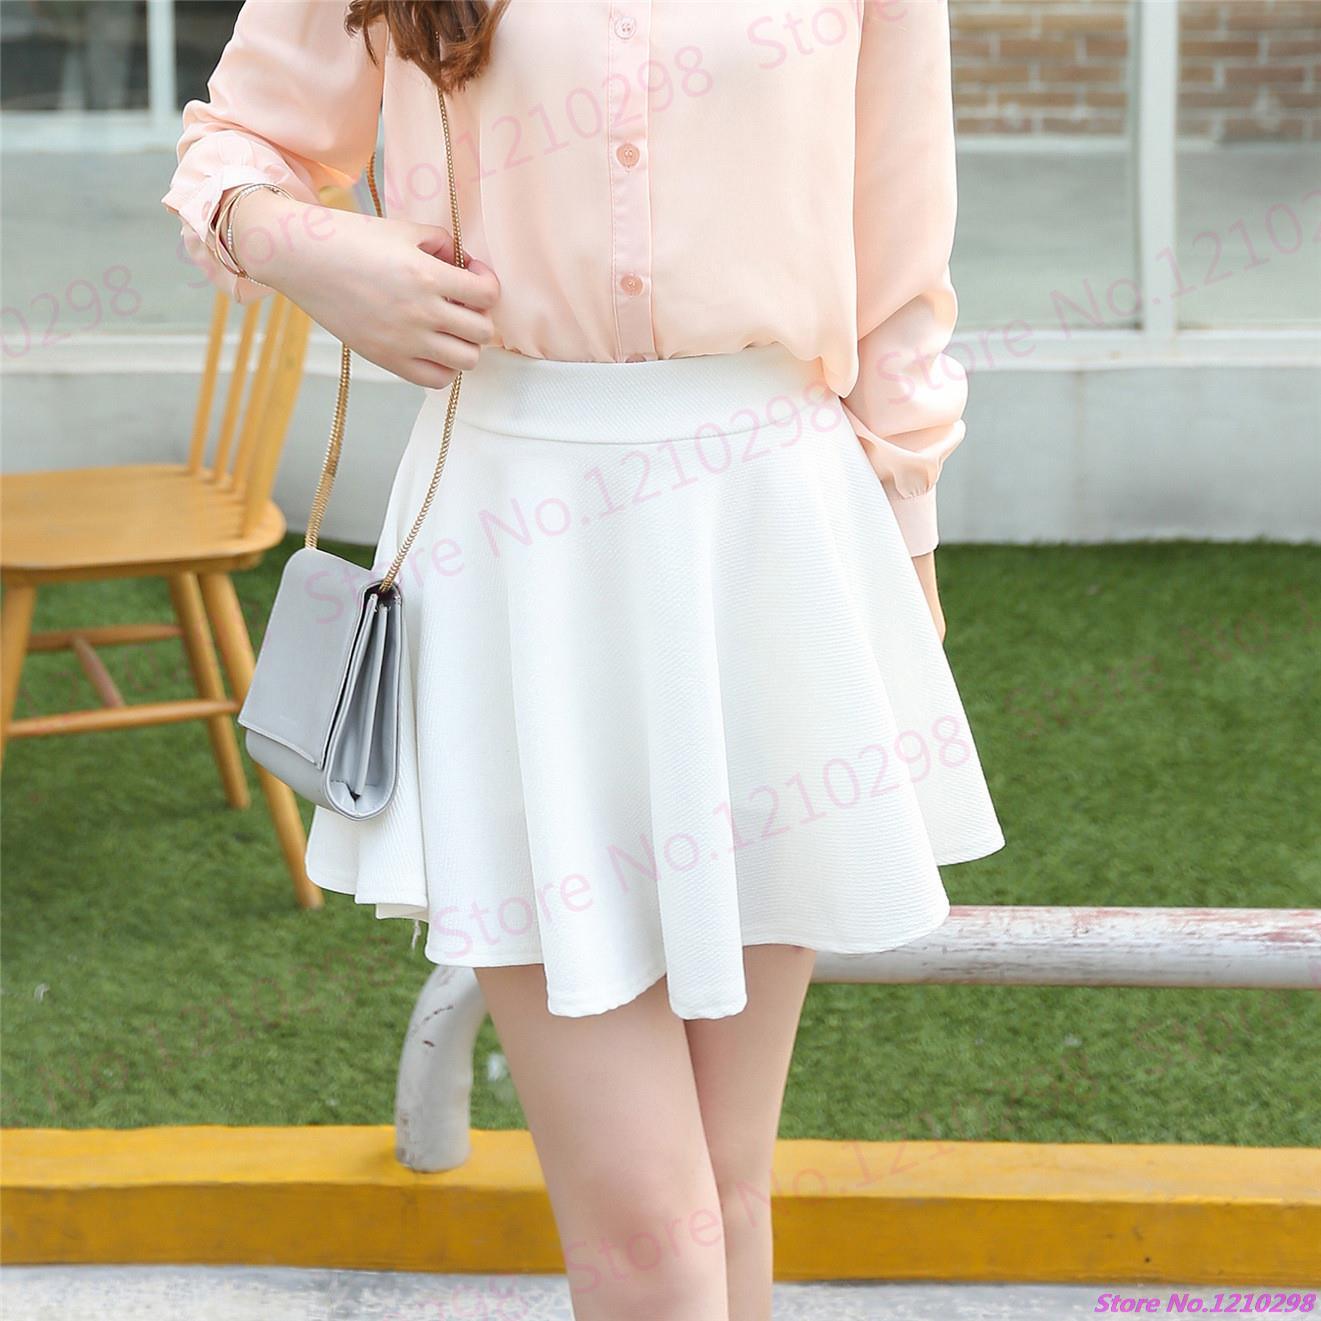 New Saia Faldas Miniskirt Comfortable Solid Pettiskirt Running Tennis Sport font b Kilts b font Girls